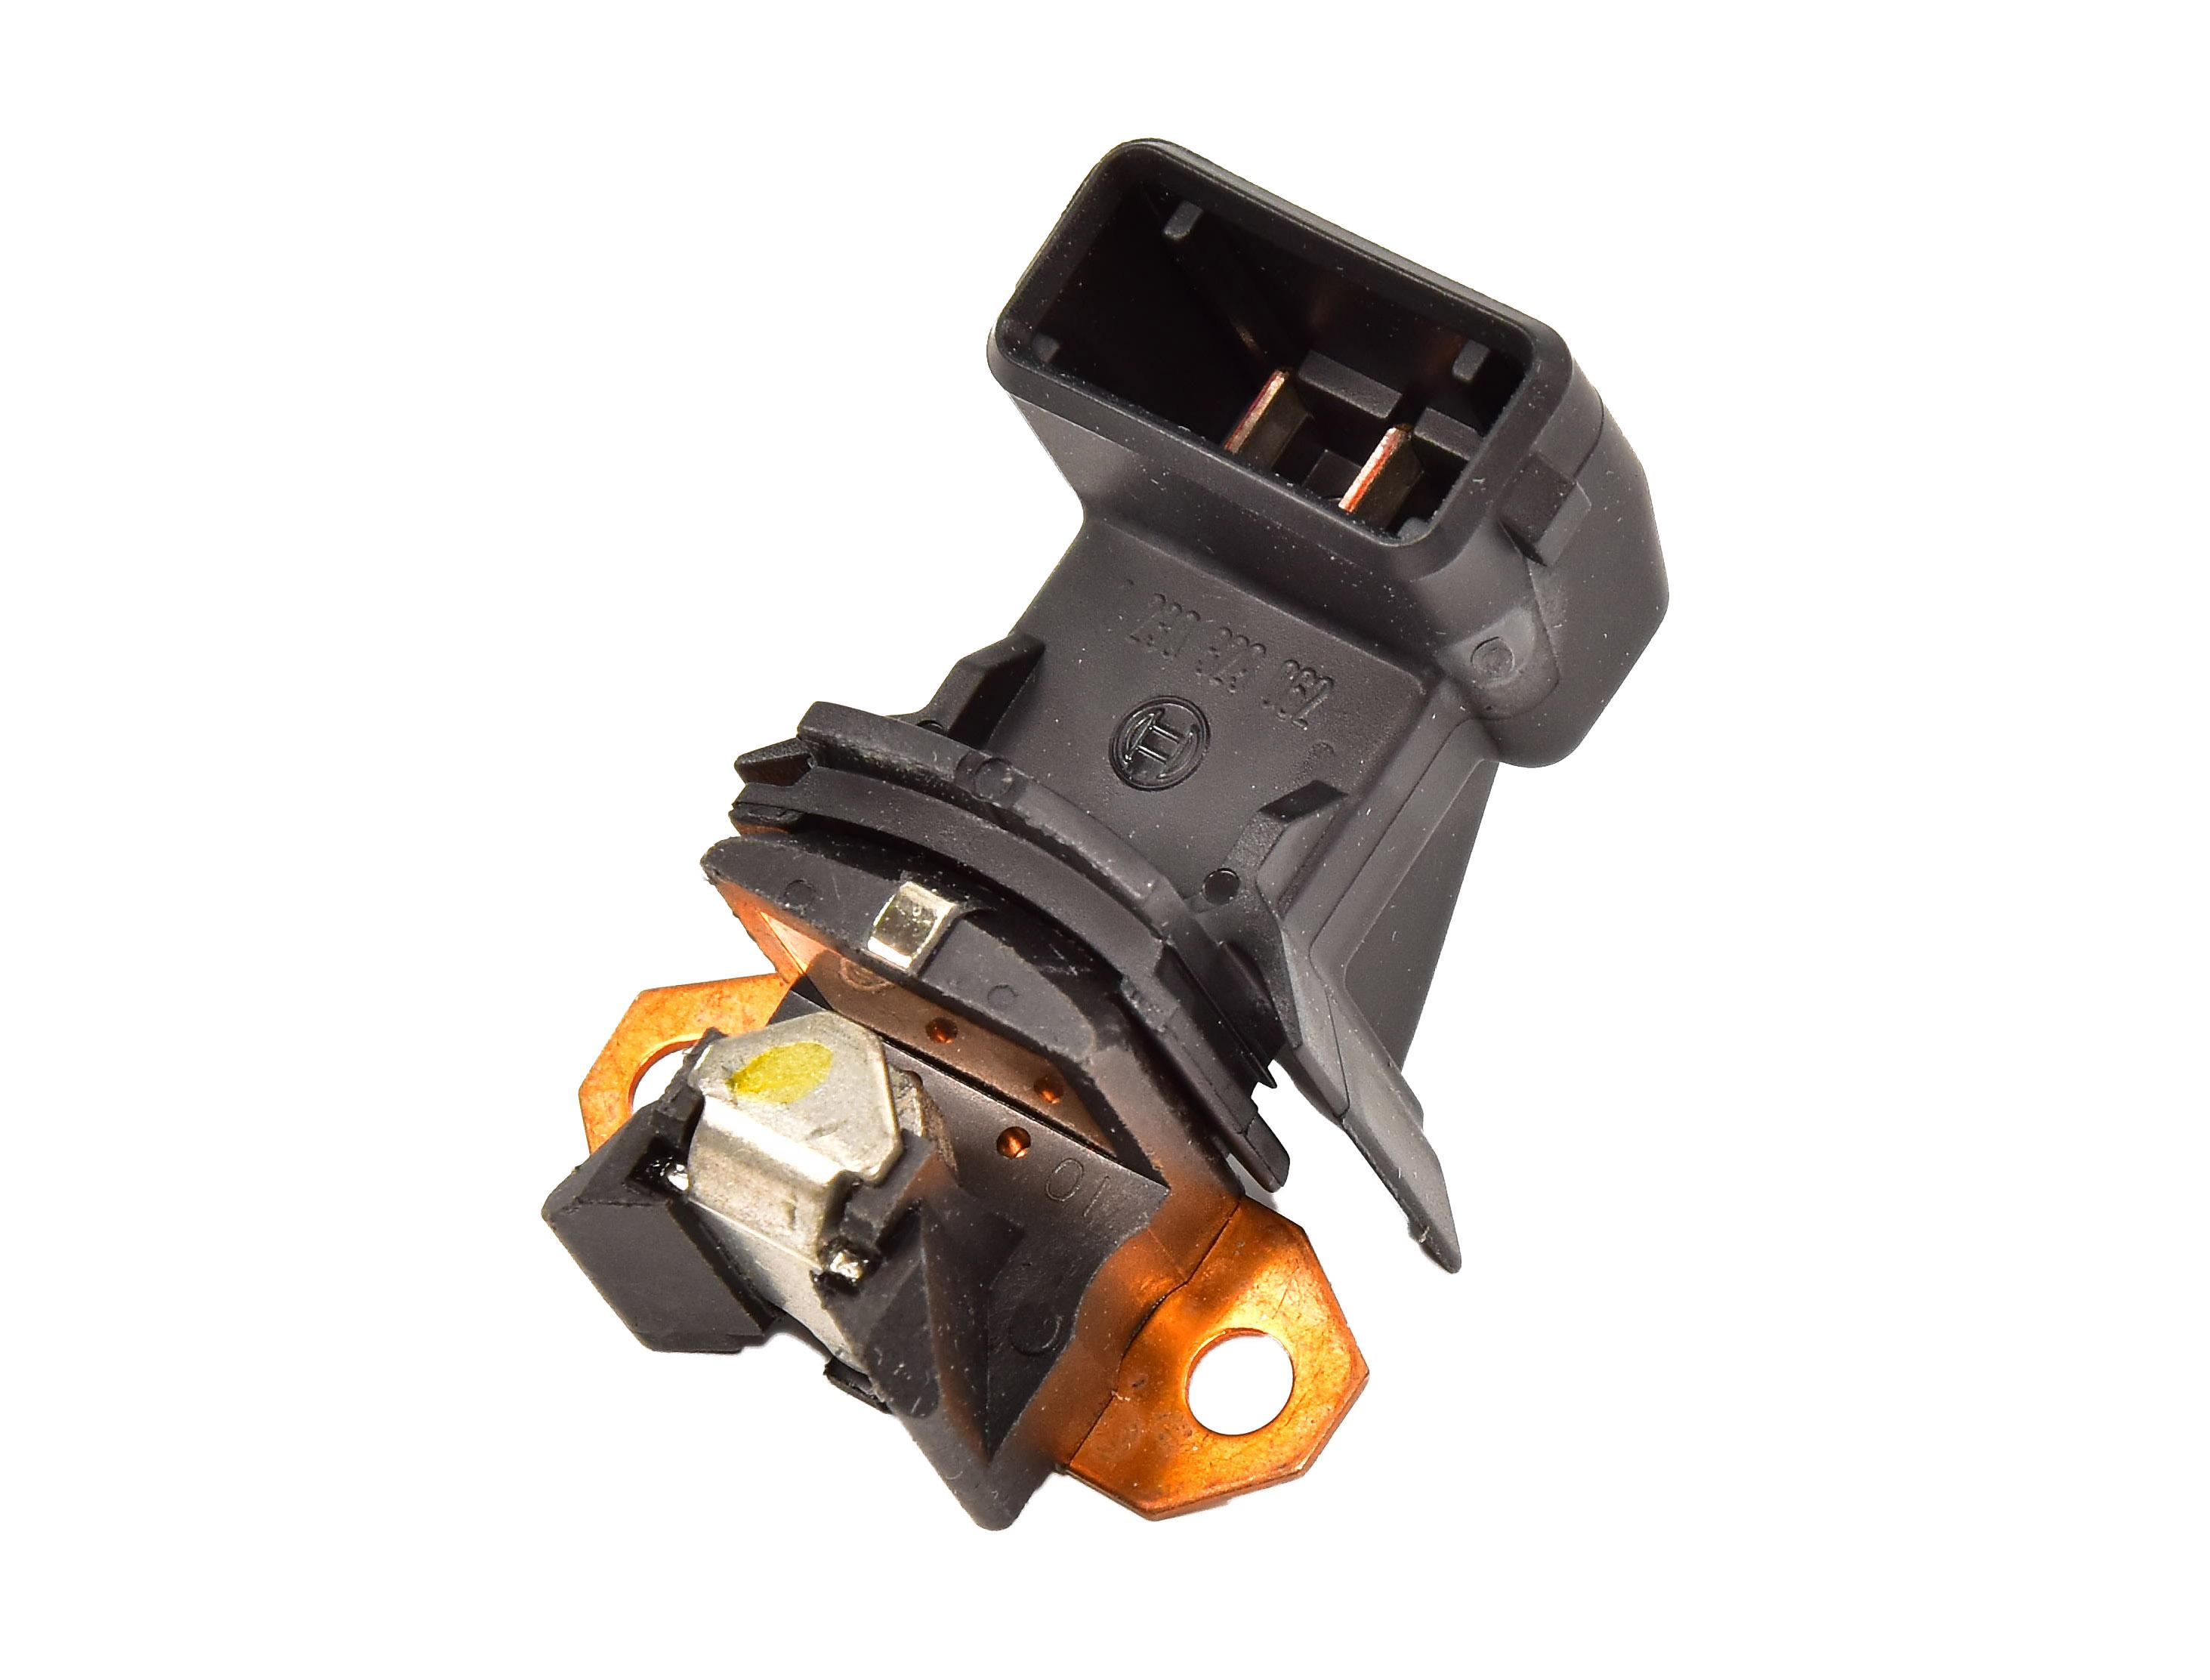 Купить Датчик положения раcпредвала, Bosch 1237031296 Датчик импульса зажигания (датчик раcпредвала)